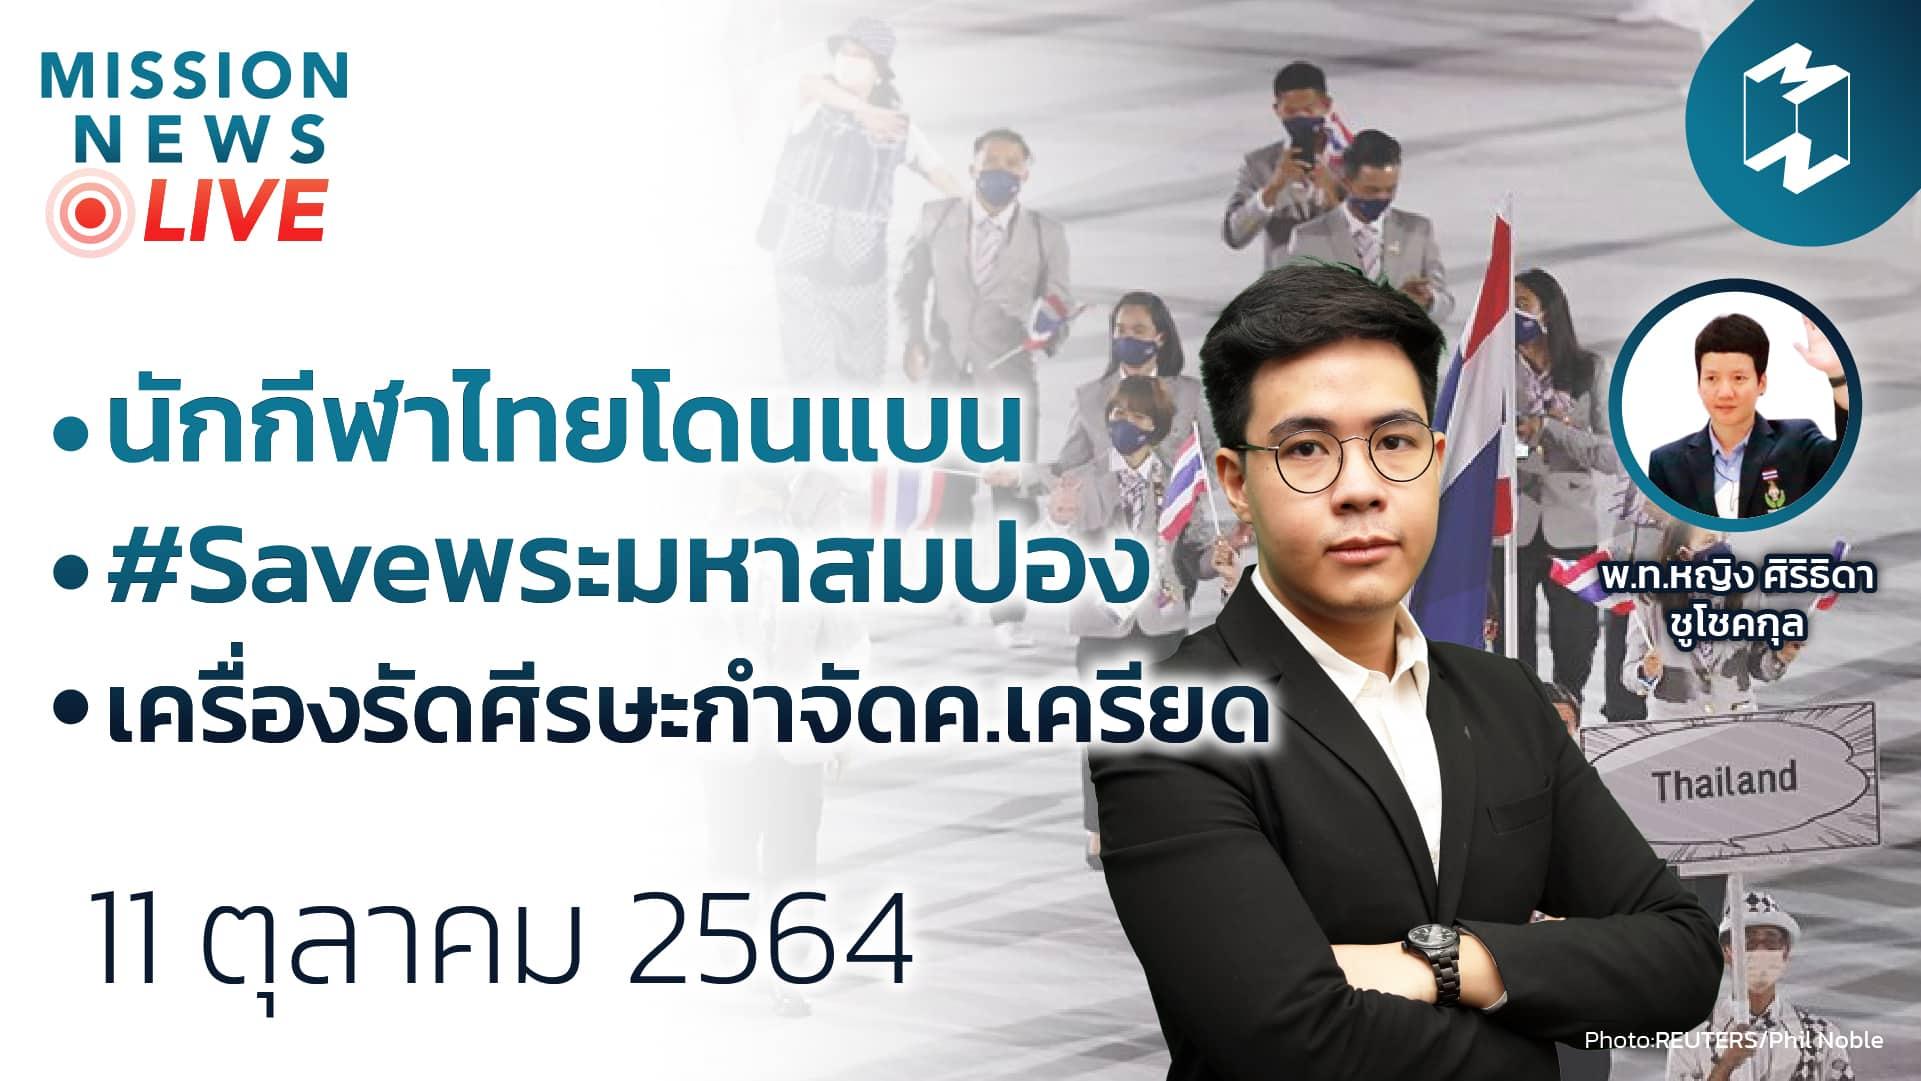 'ผลกระทบนักกีฬาไทย' หลังโดน WADA แบนจากกม.สารกระตุ้น! | Mission News 11 ต.ค. 21